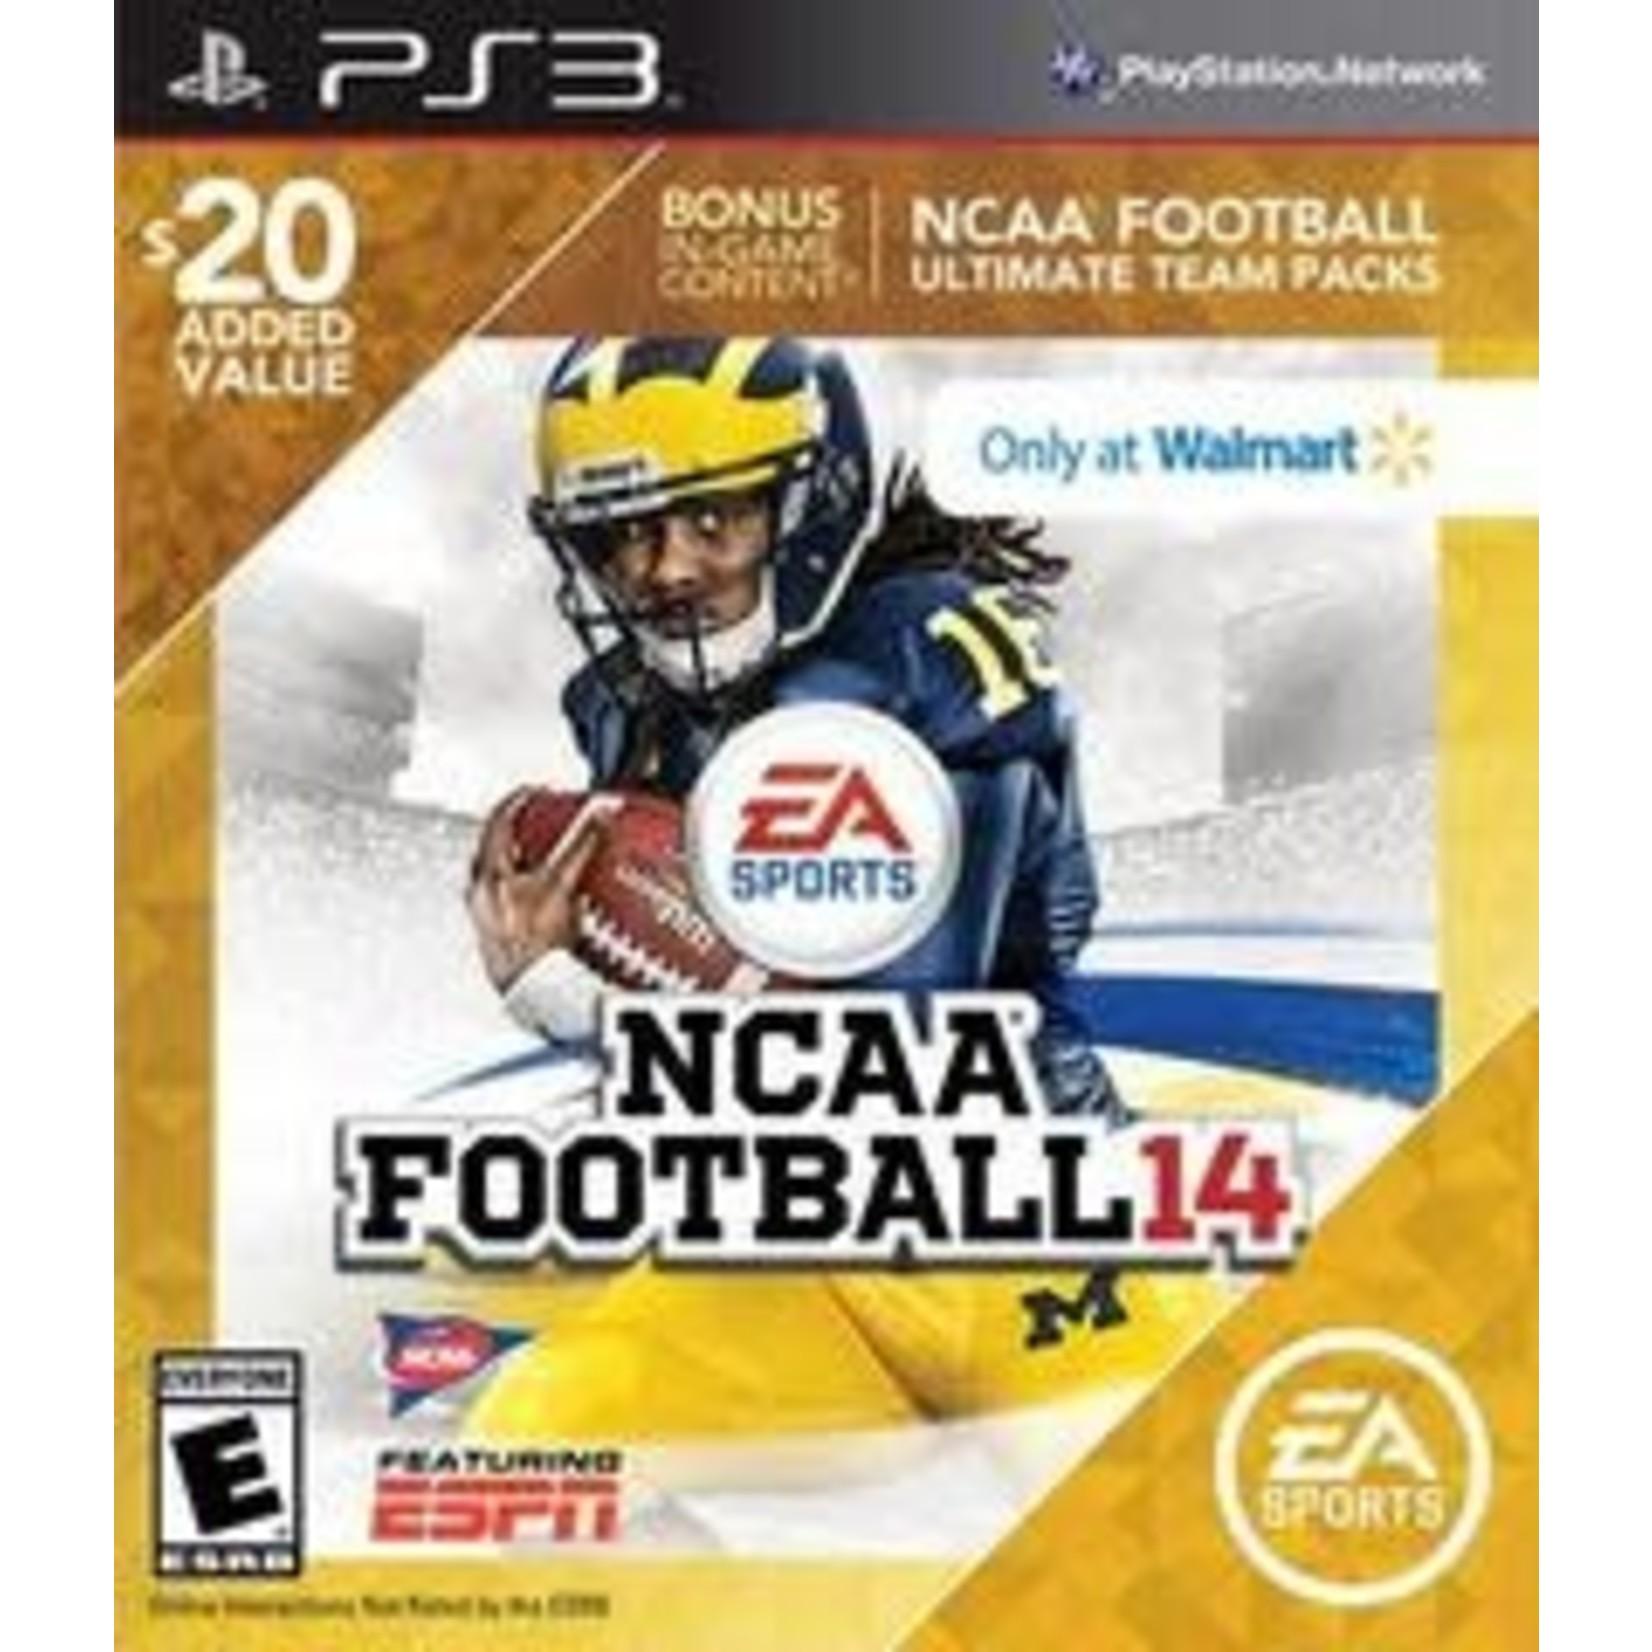 PS3U-NCAA Football 14 [Walmart Edition]